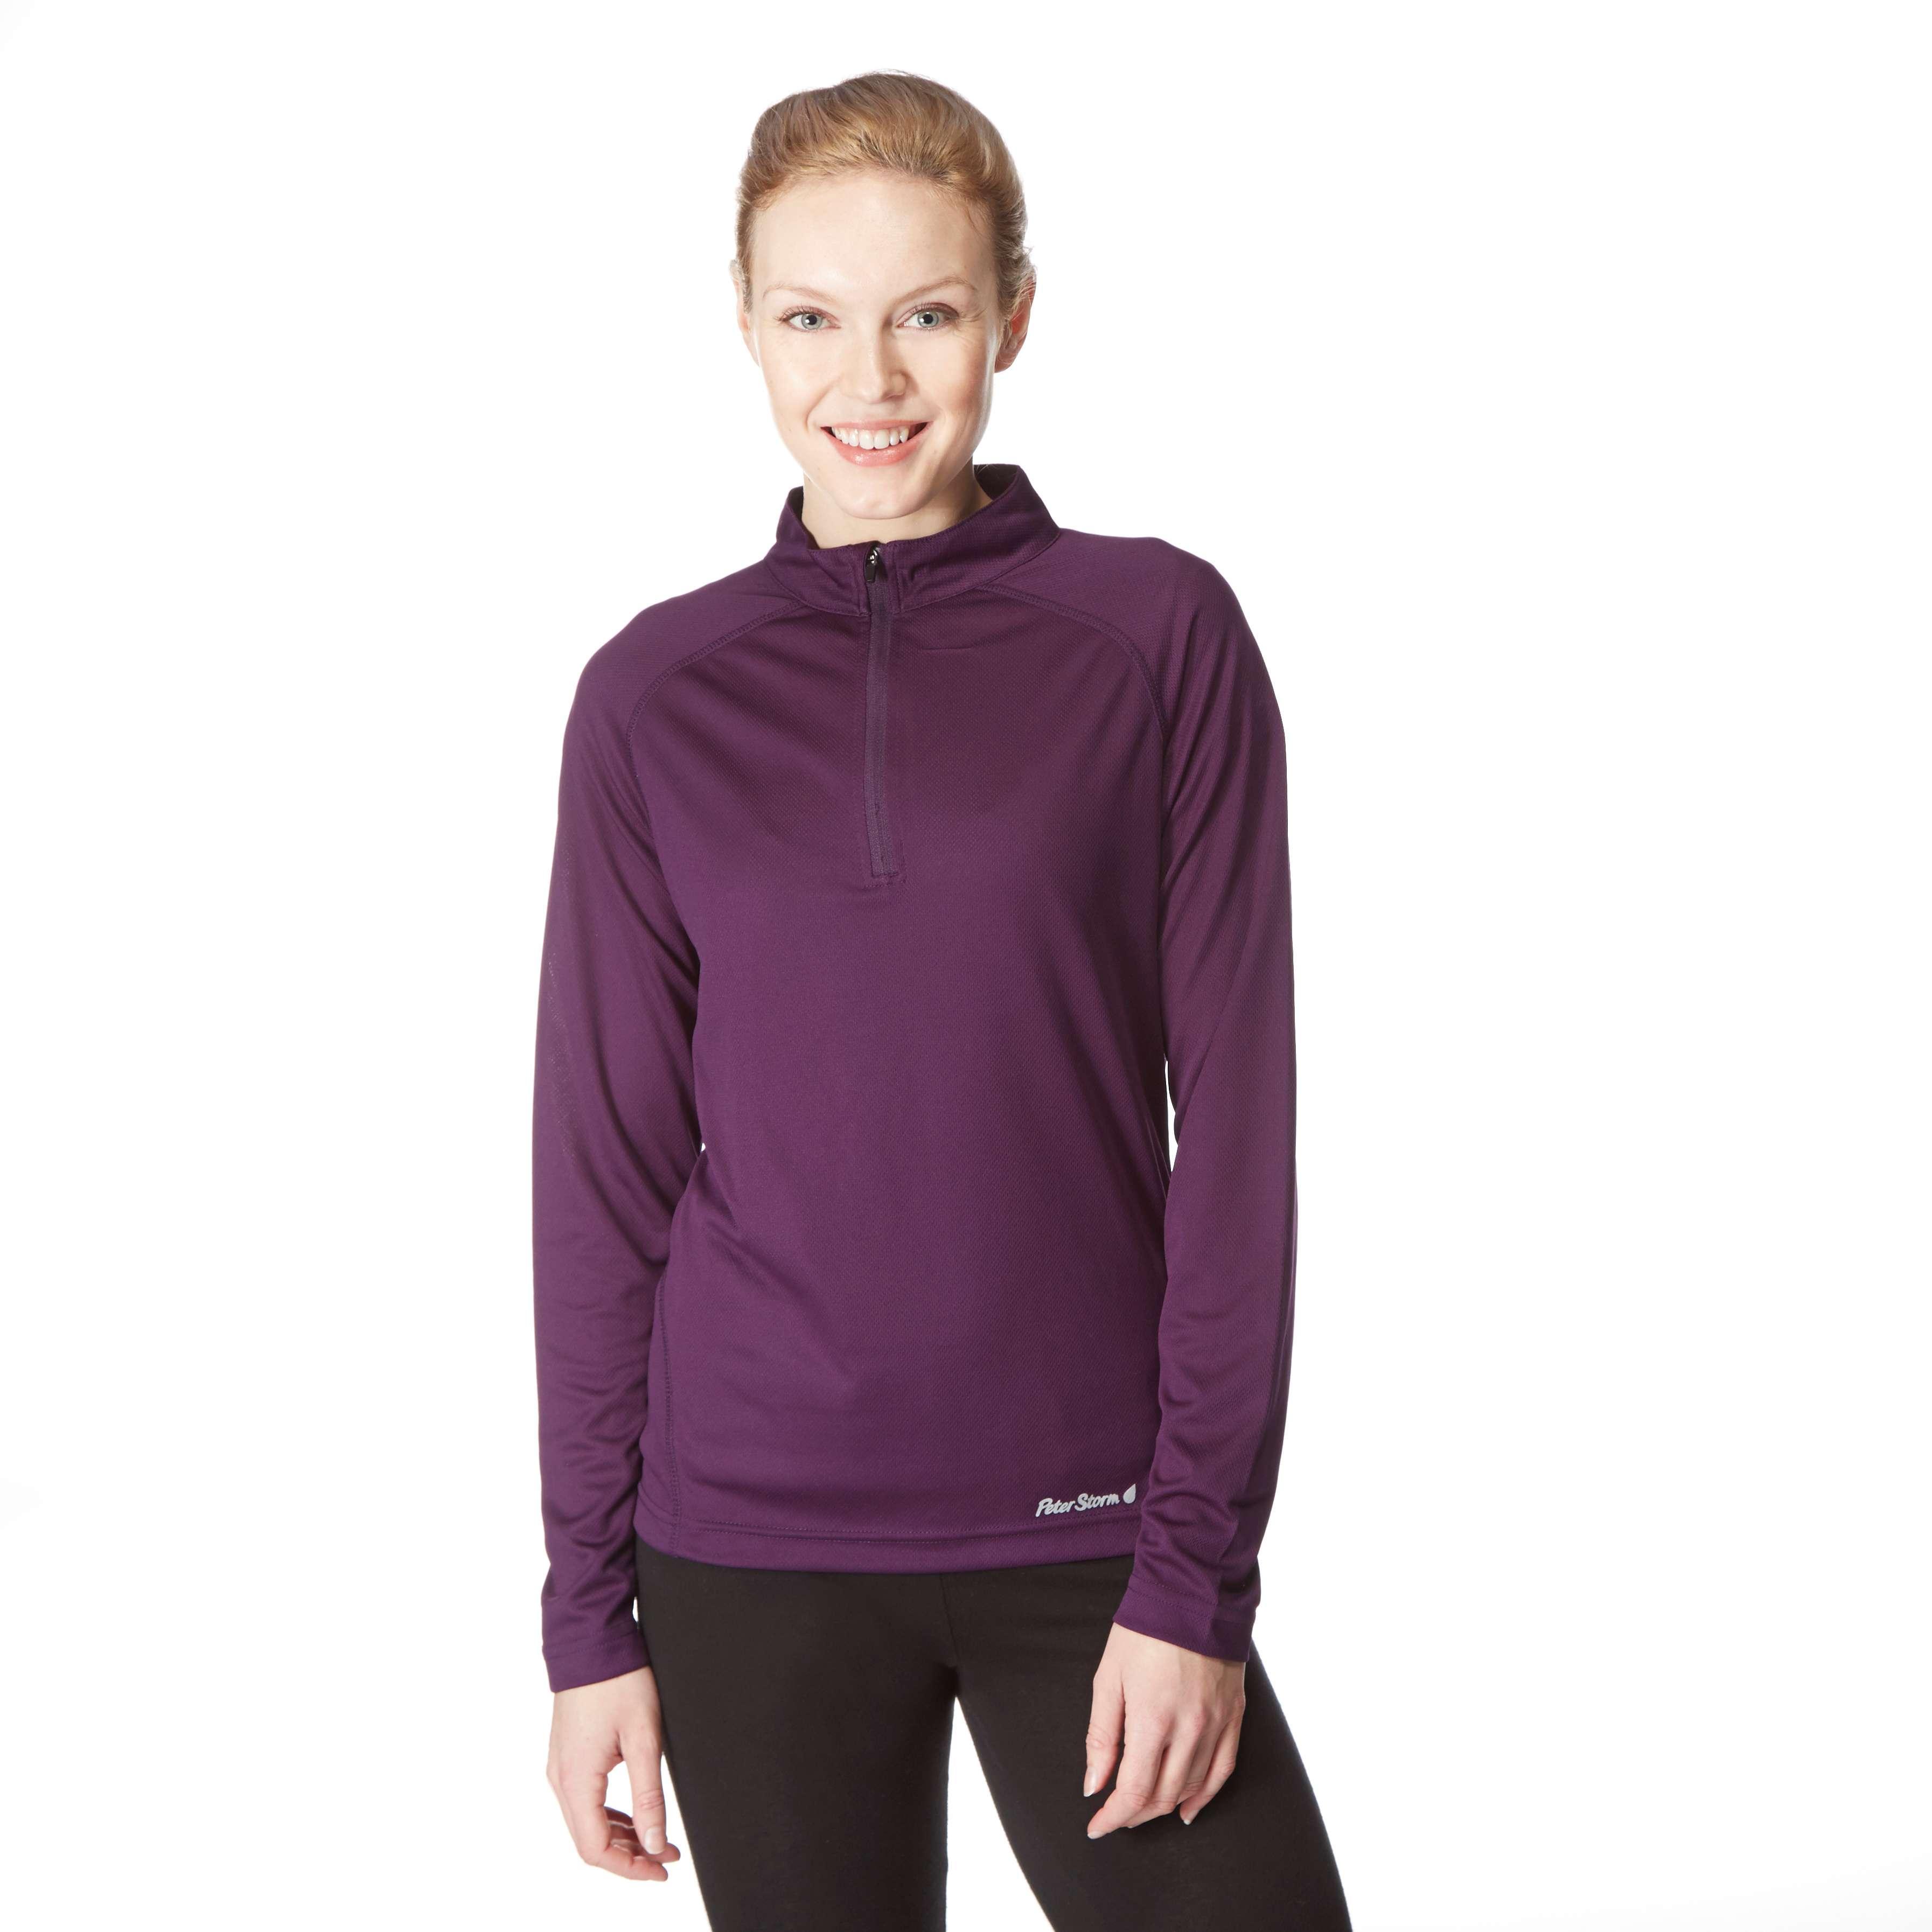 PETER STORM Women's Long Sleeve Zip Neck Tech Top